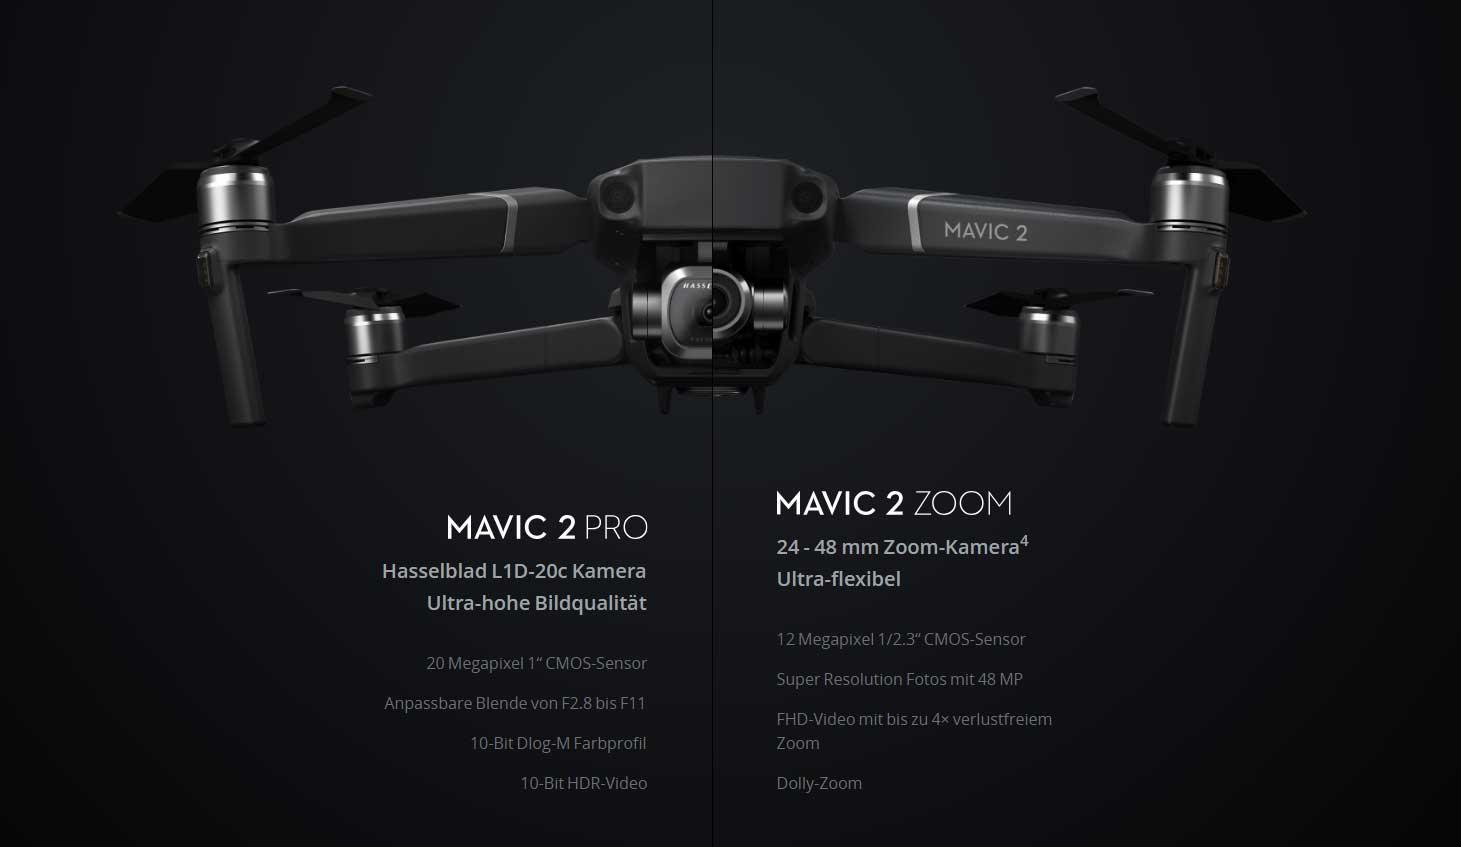 Neue Drohnen von DJI: Mavic 2 Pro und Mavic 2 Zoom